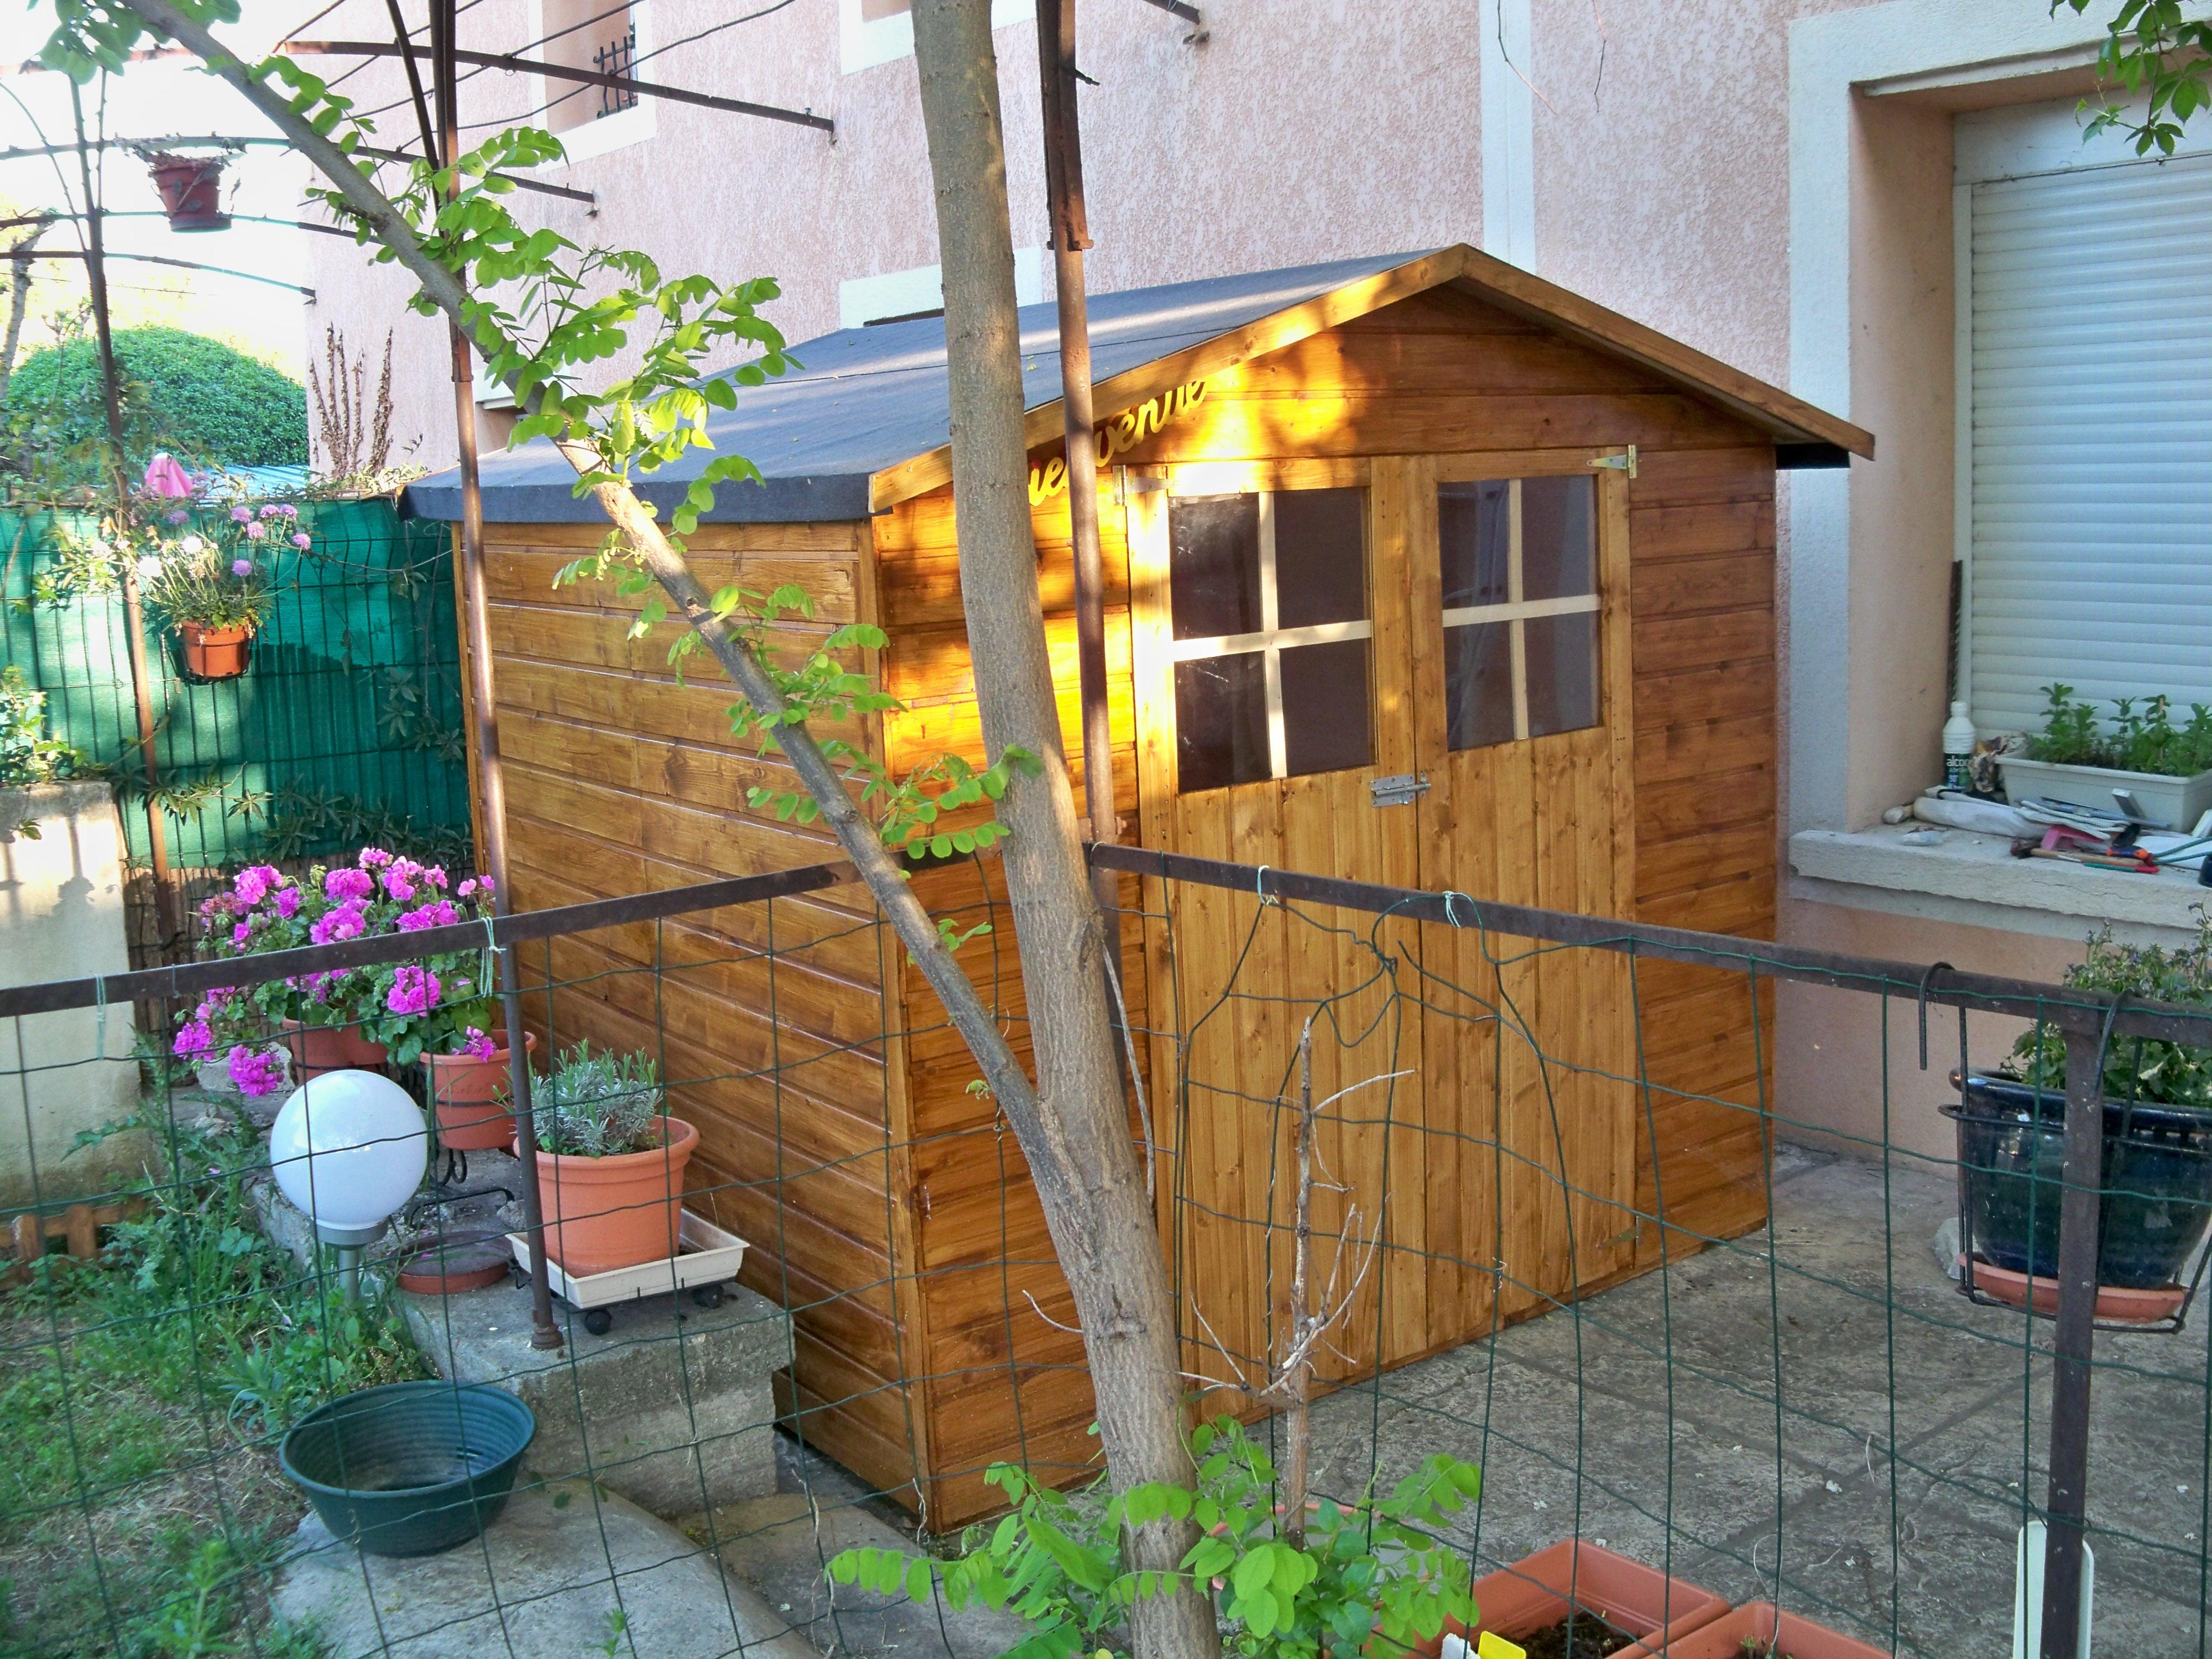 Abri_de_jardin_en_bois Unique De Plancher Abri De Jardin Des Idées